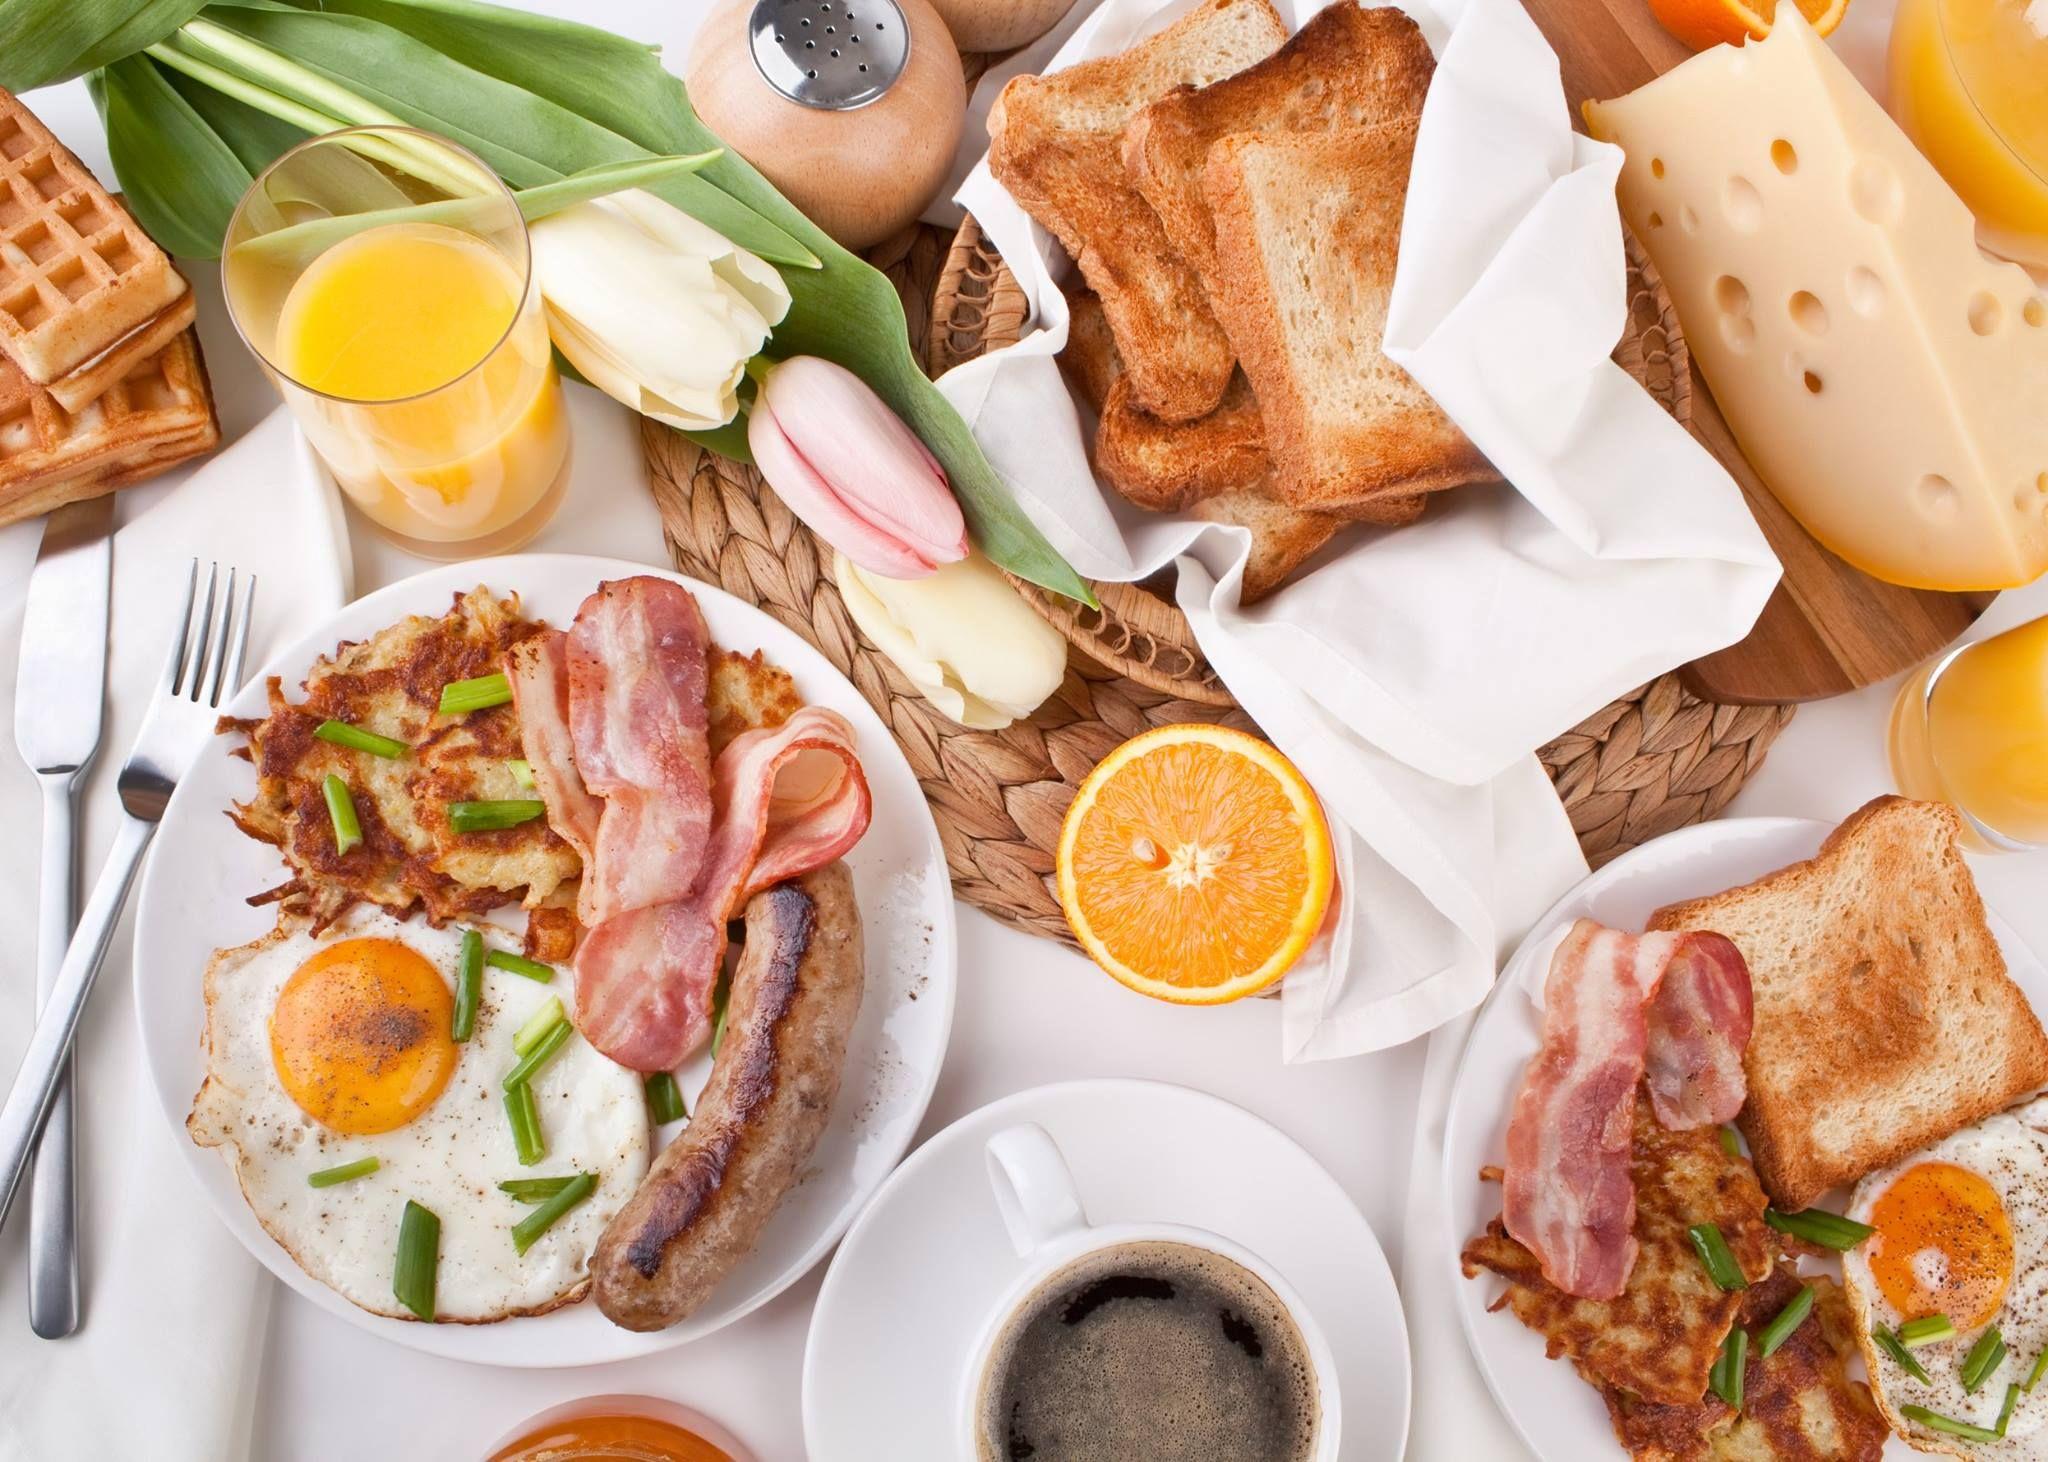 Platos típicos de la cocina centroeuropea